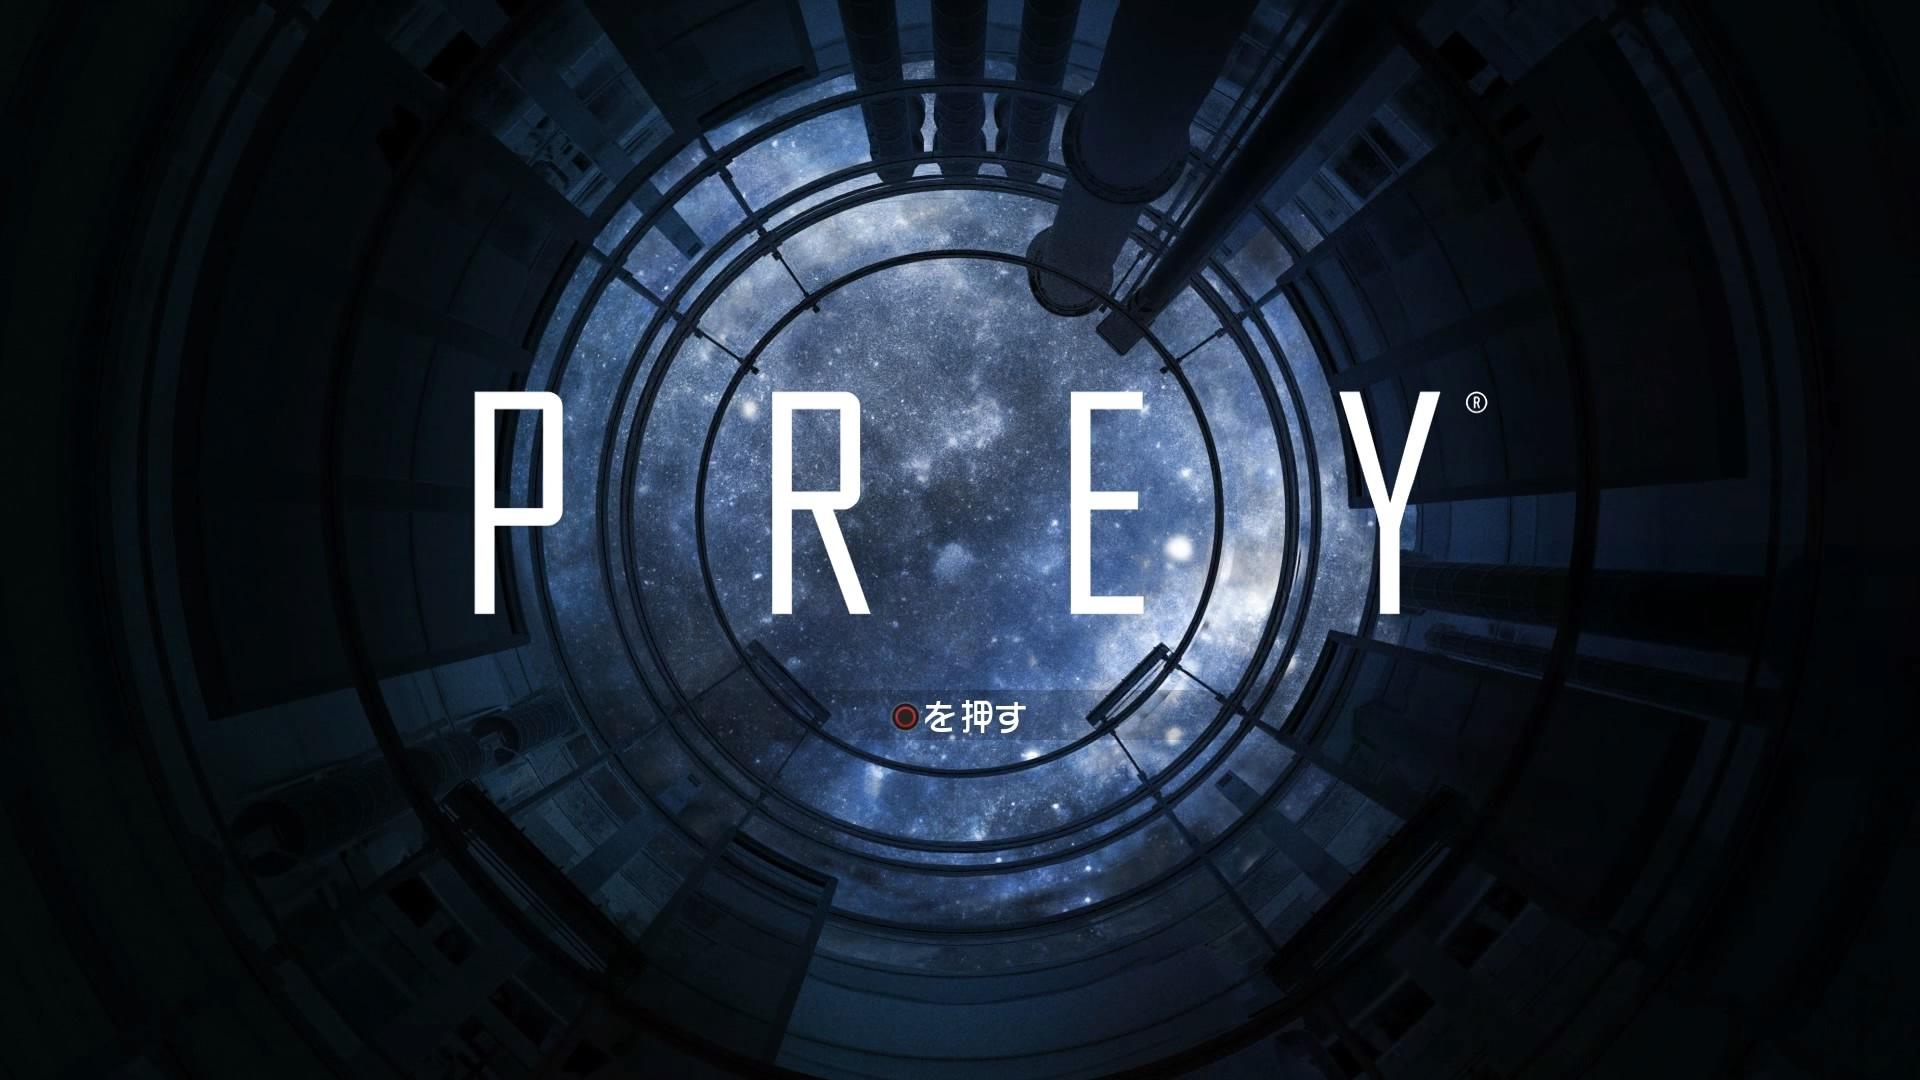 Prey_01_01.jpg